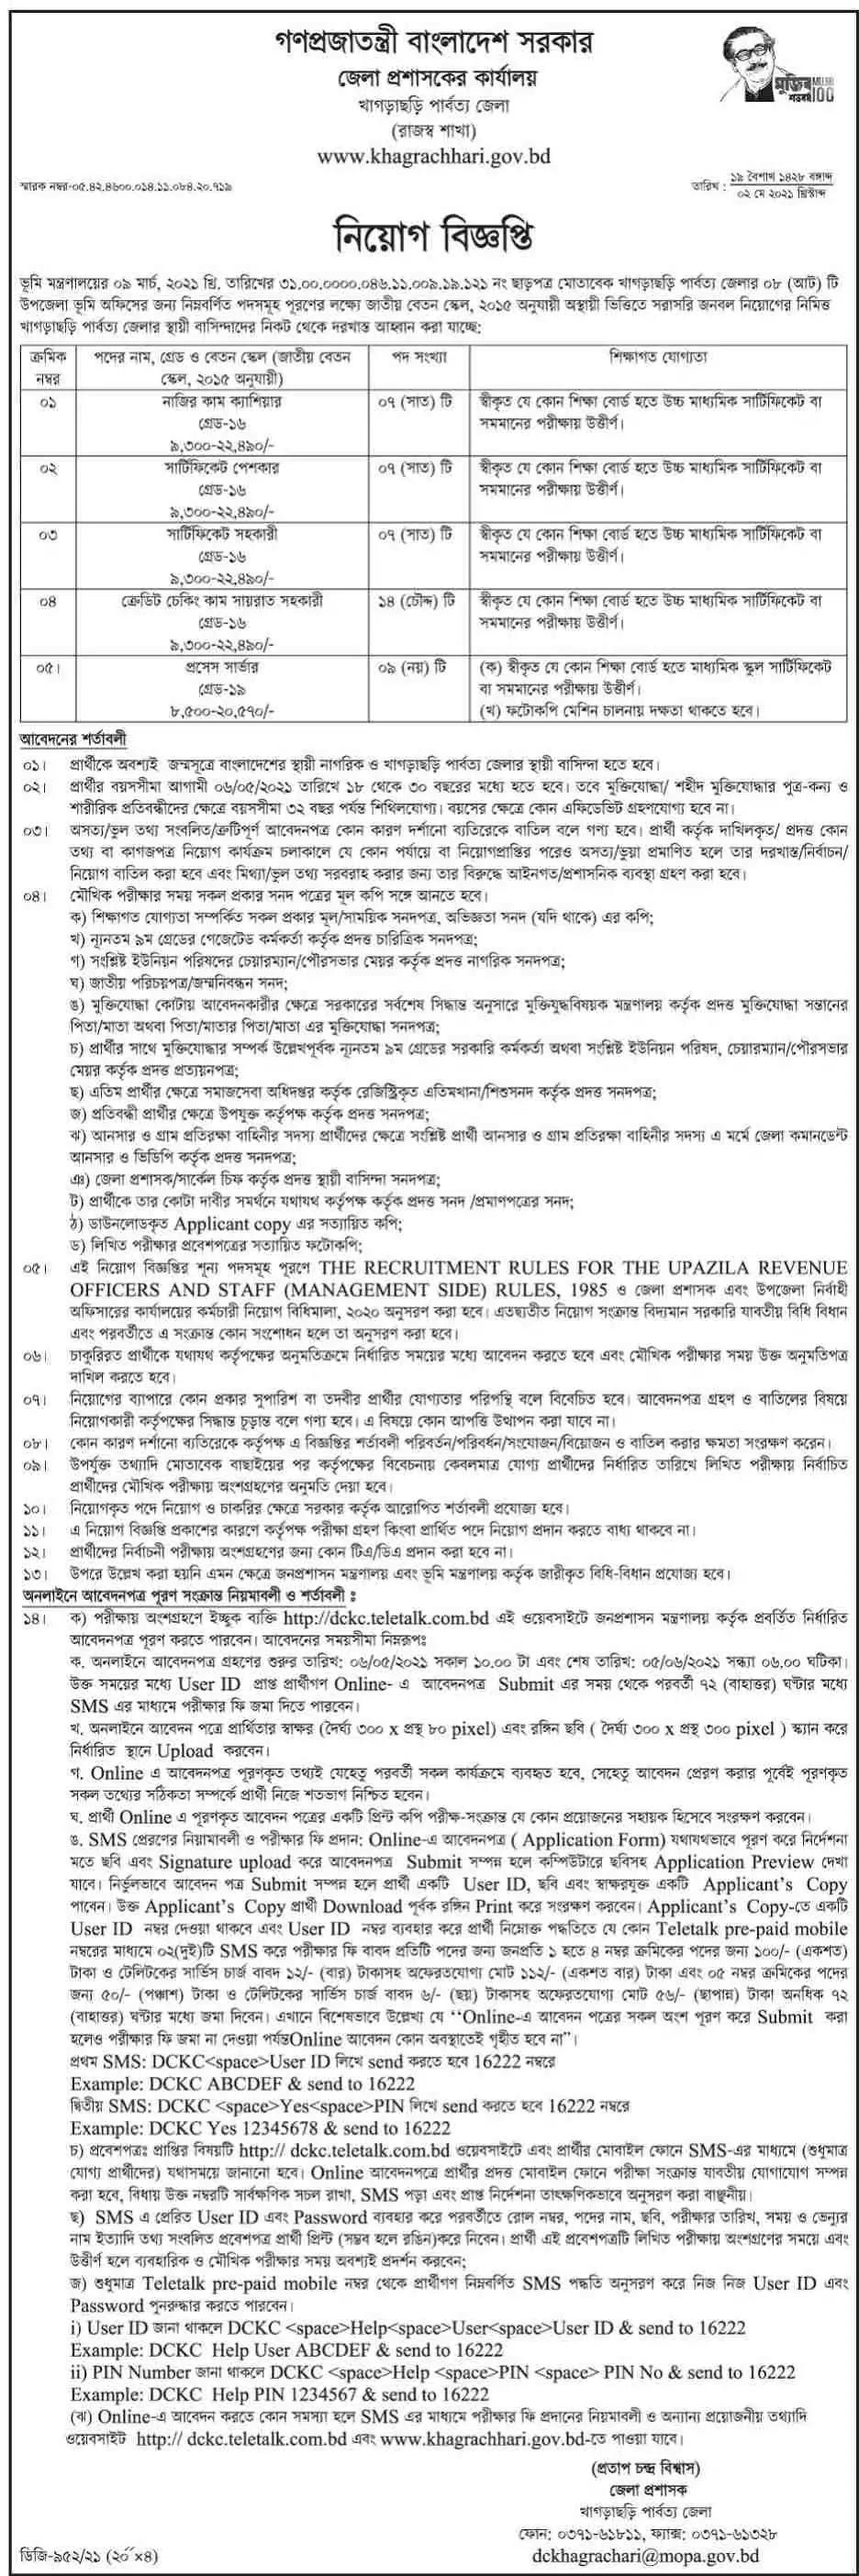 Khagrachari Zila Parishad Job Circular 2021